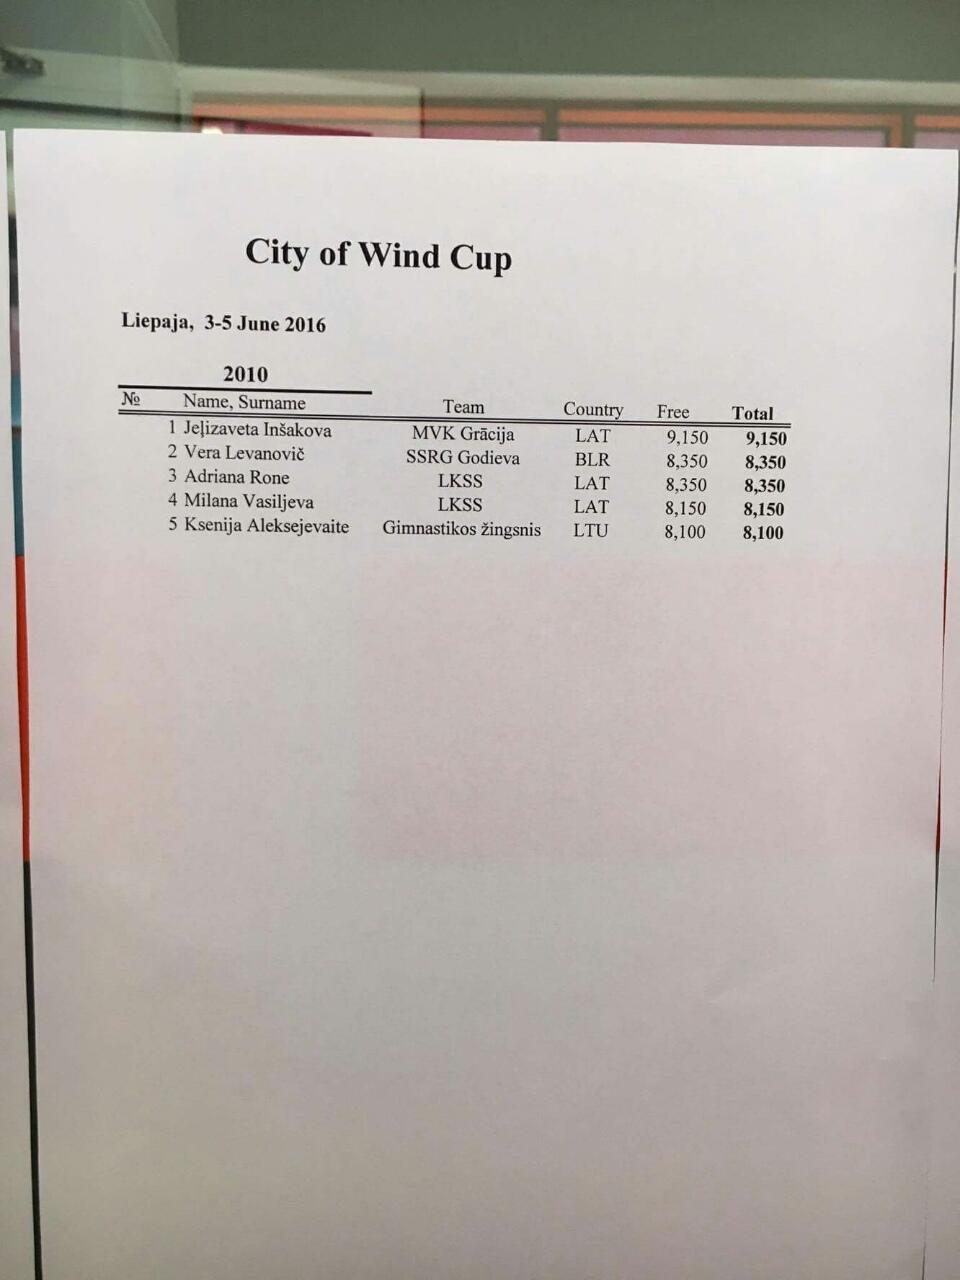 CITY OF WINDS CUP 2016 (Лиепая) - результаты Image-19